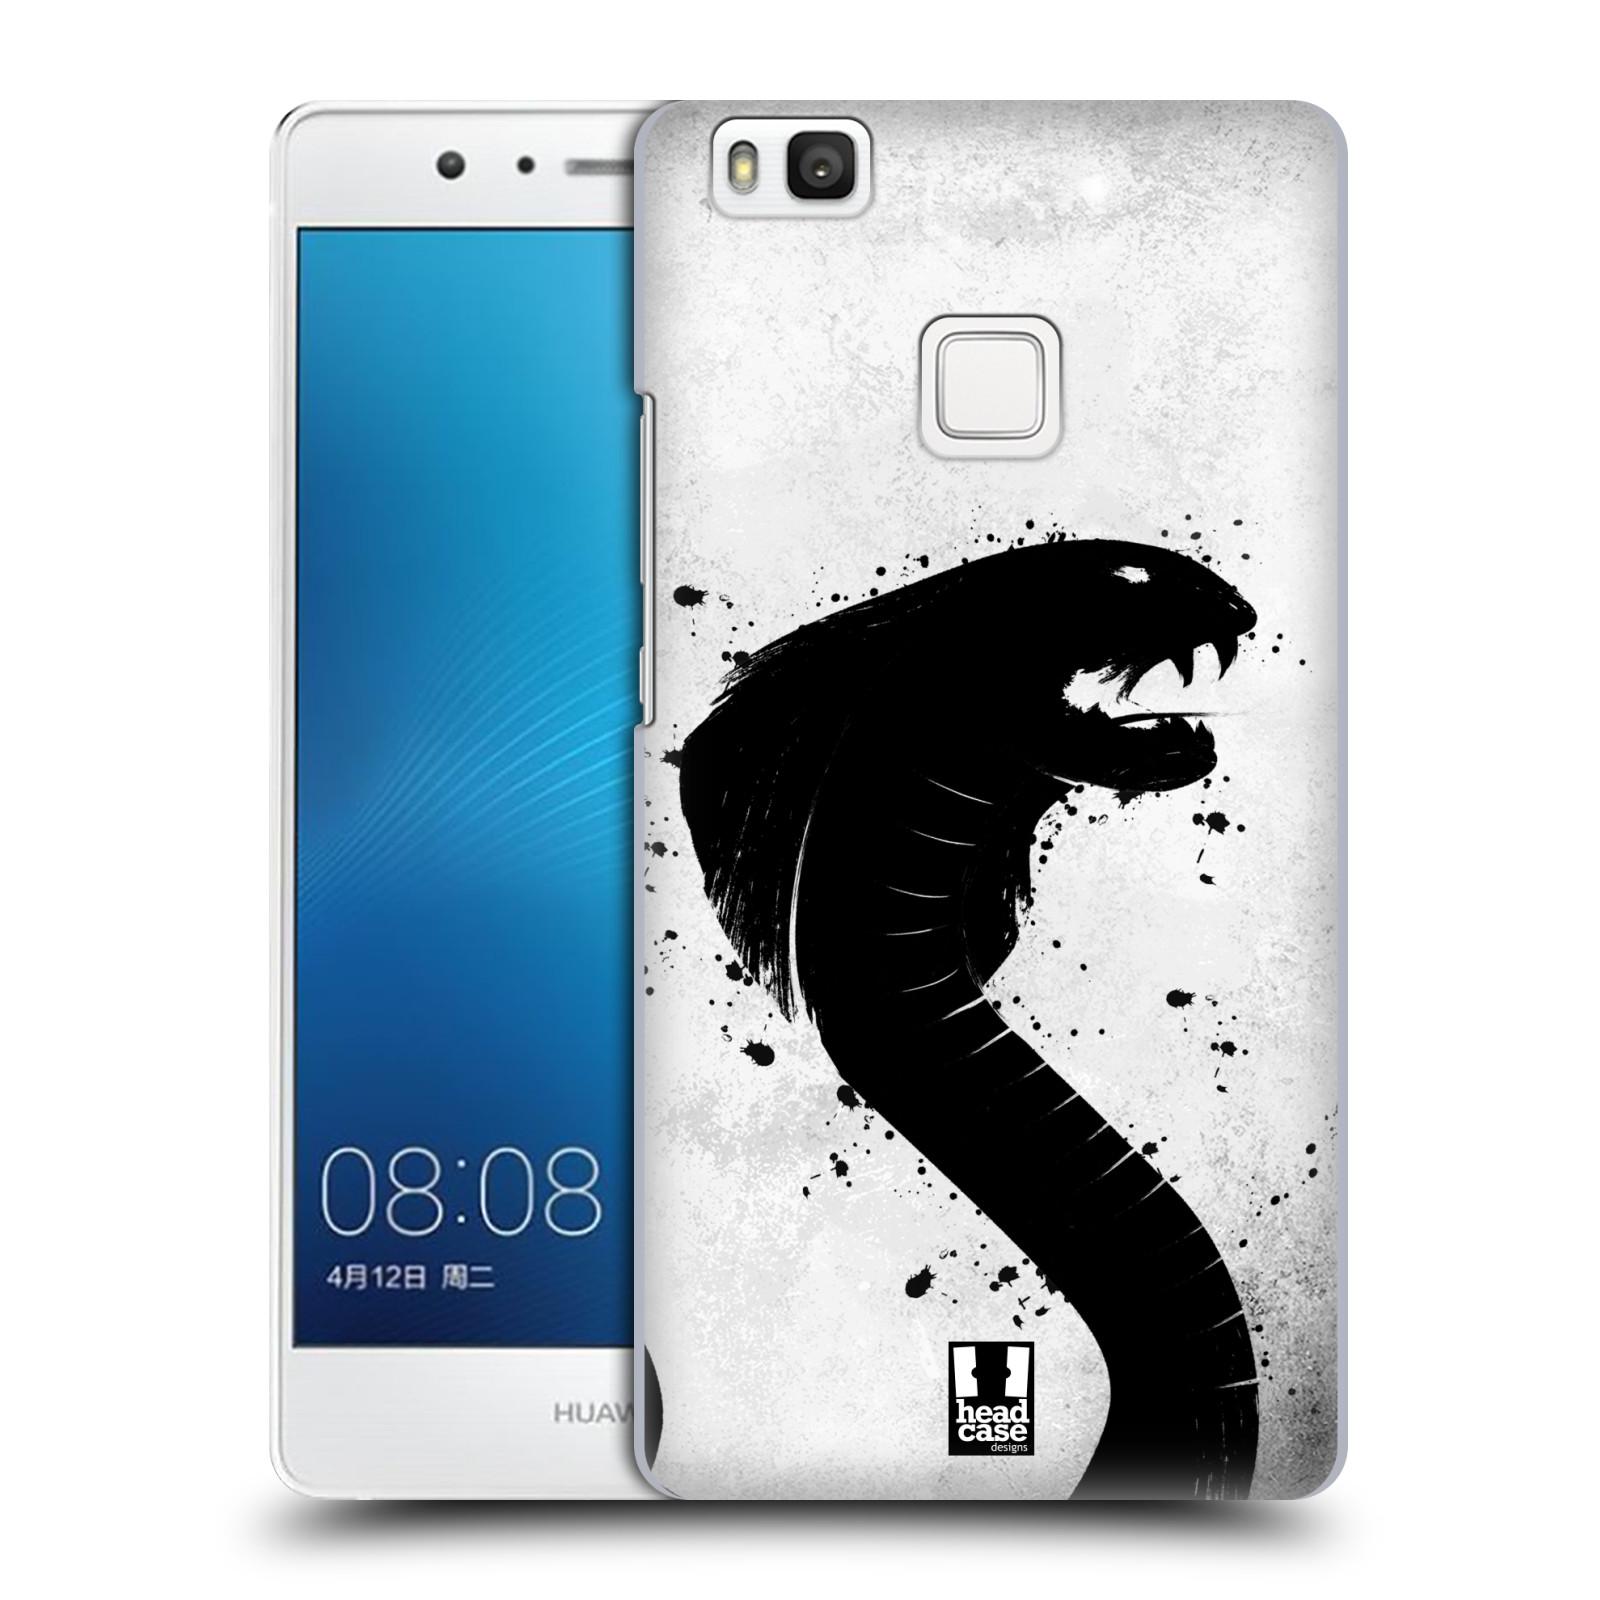 HEAD CASE plastový obal na mobil Huawei P9 LITE / P9 LITE DUAL SIM vzor Kresba tuš zvíře had kobra